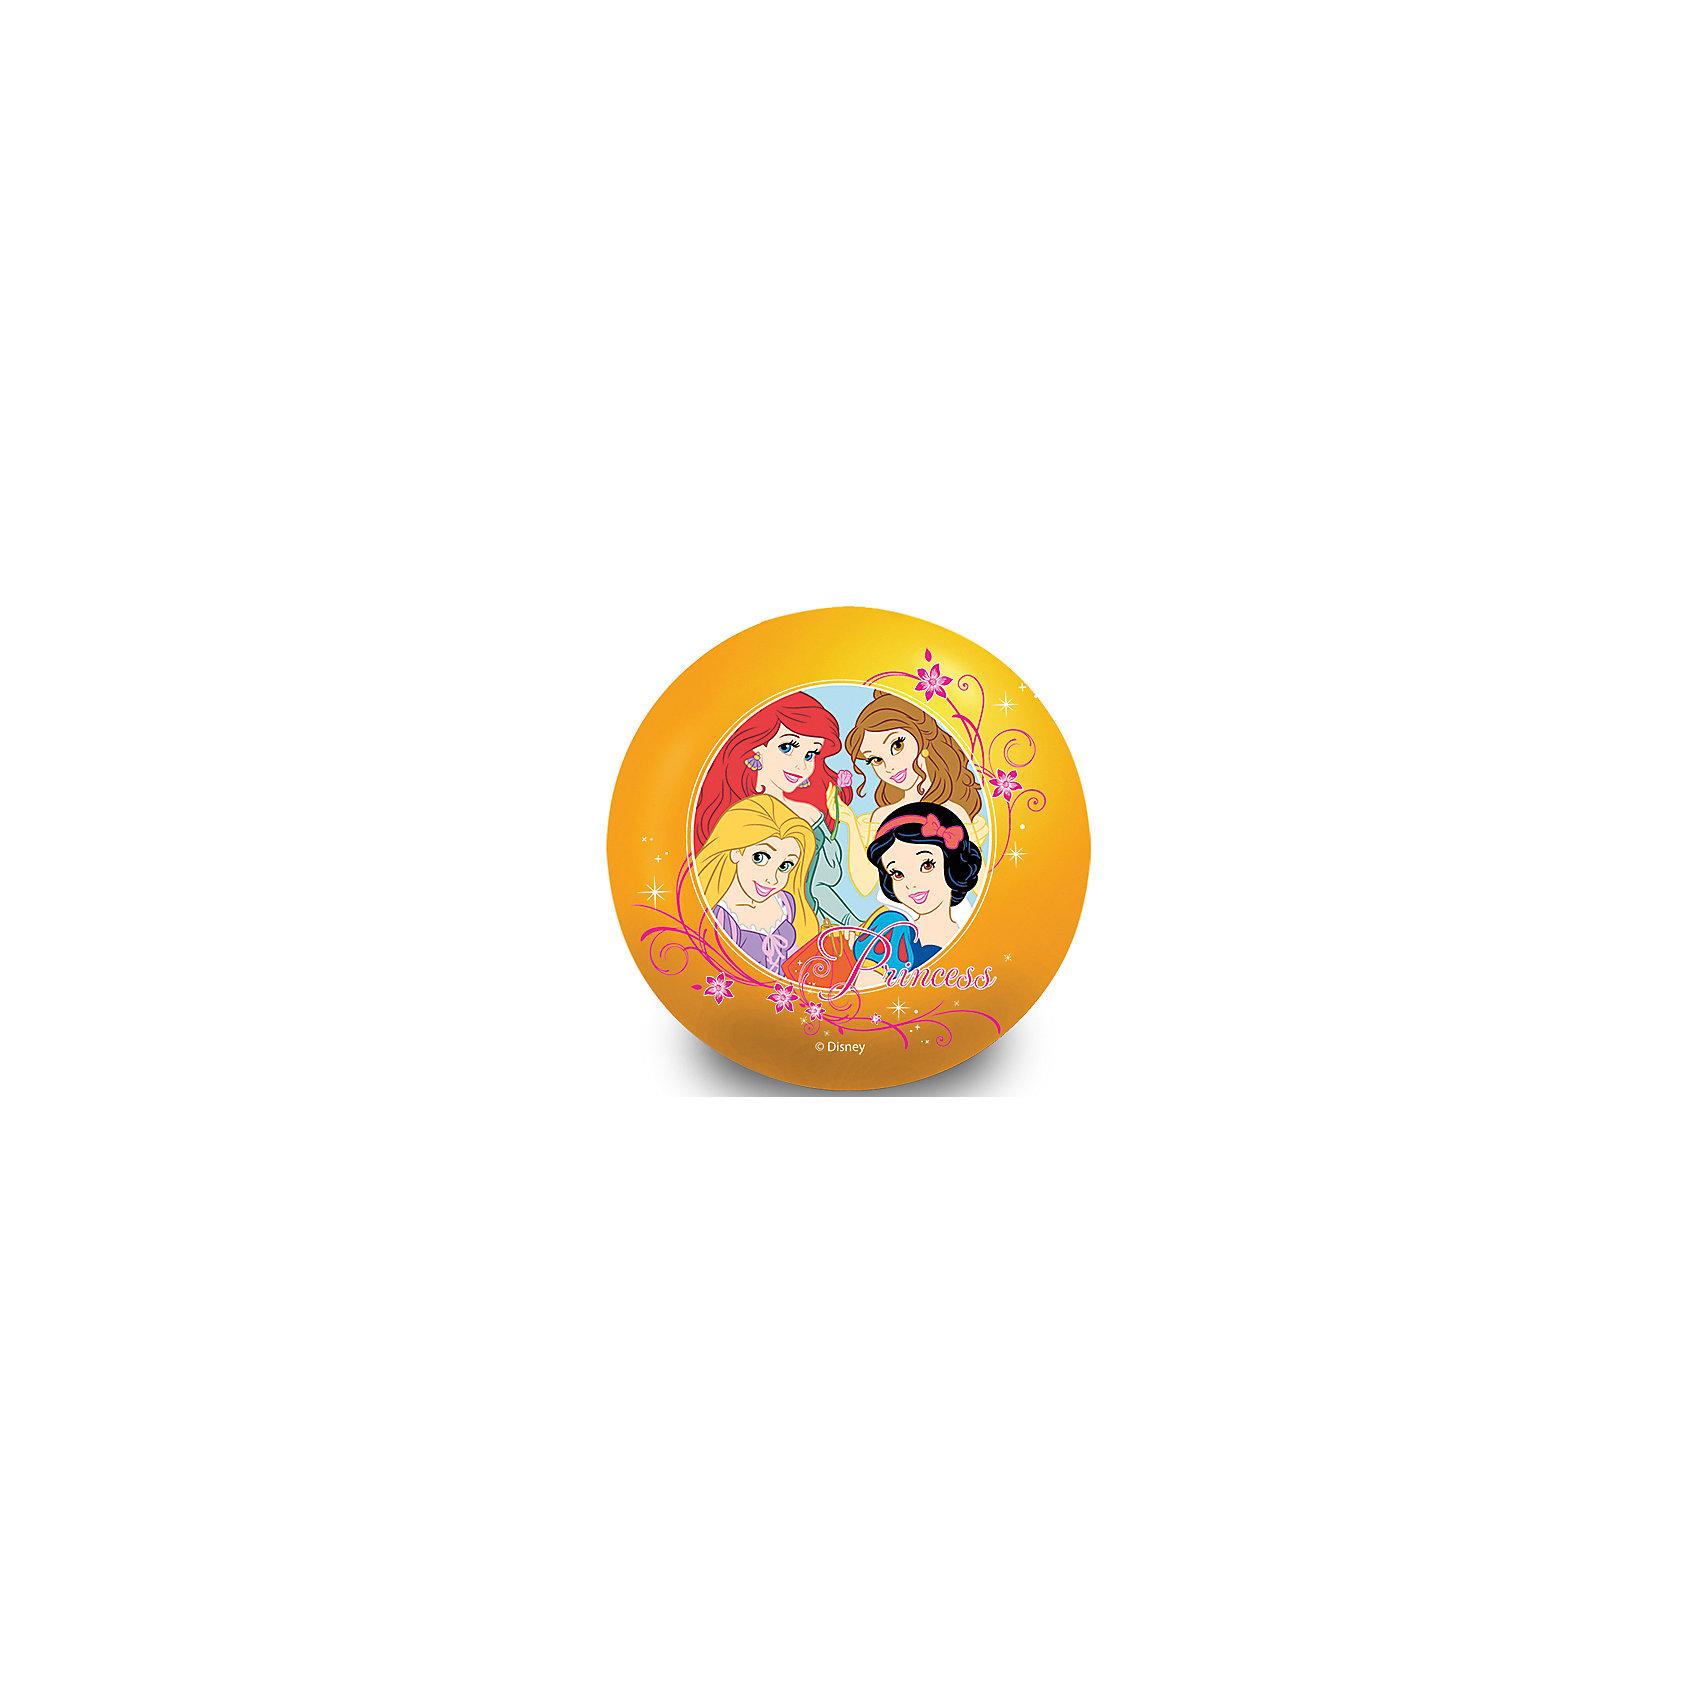 Играем вместе Мяч Принцессы, 33 см, Играем вместе какие товары купить заранее к свадьбе